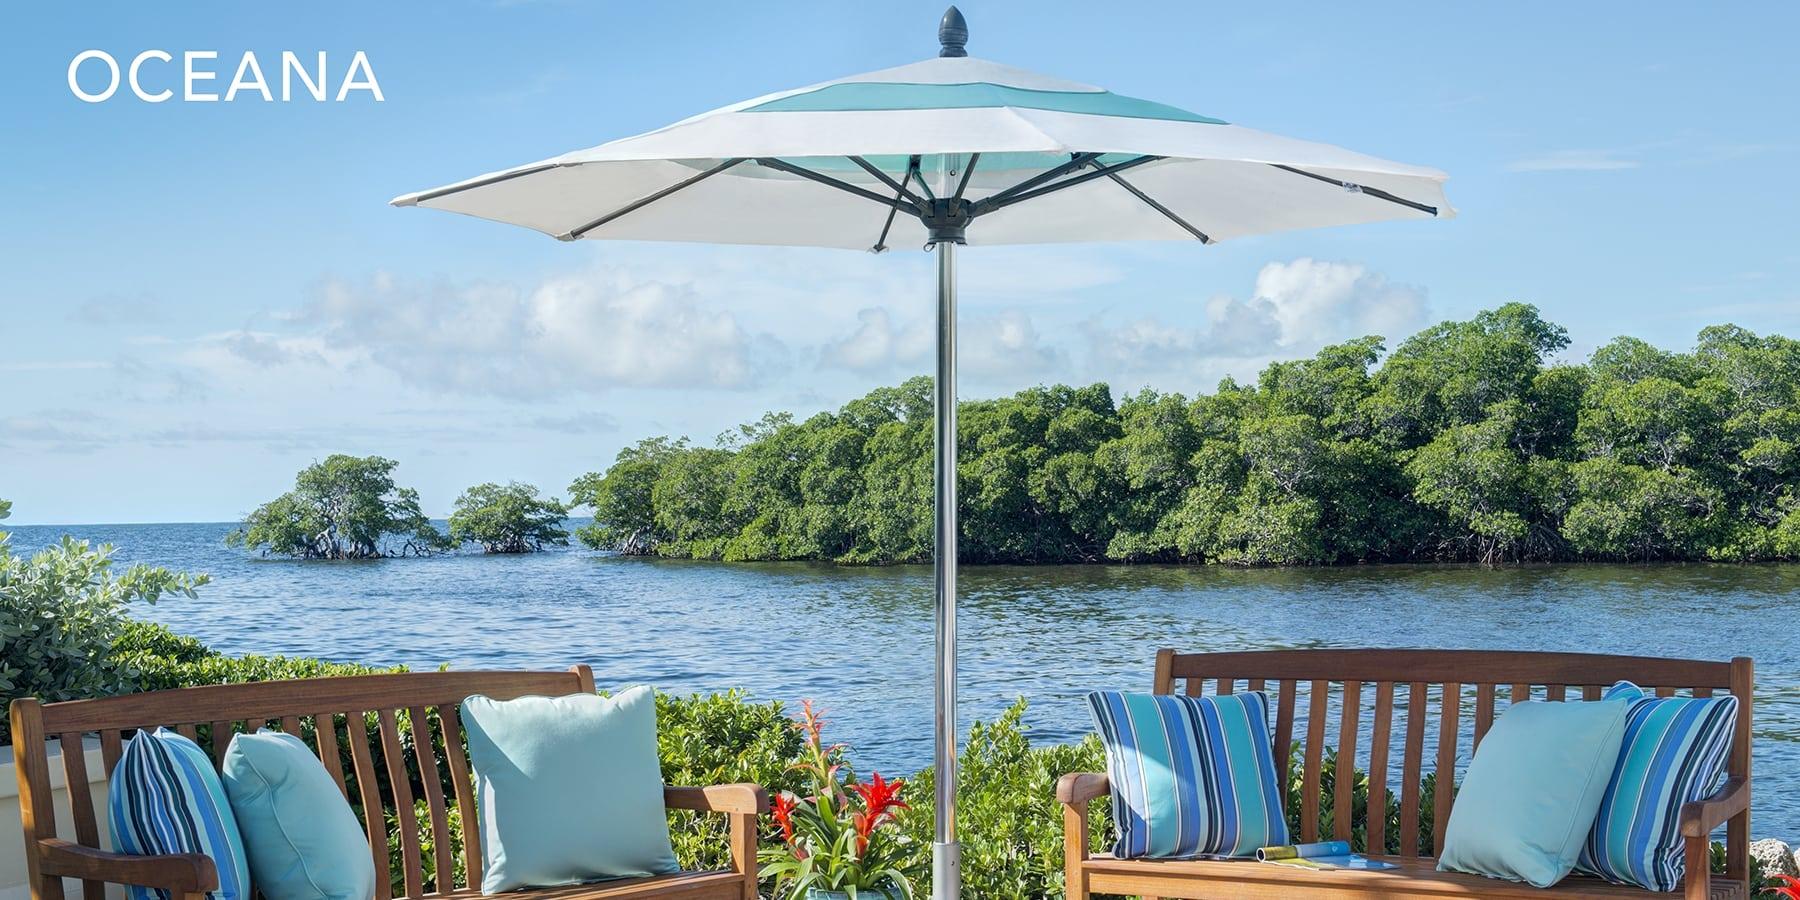 Oceana – Fiberbuilt Umbrellas